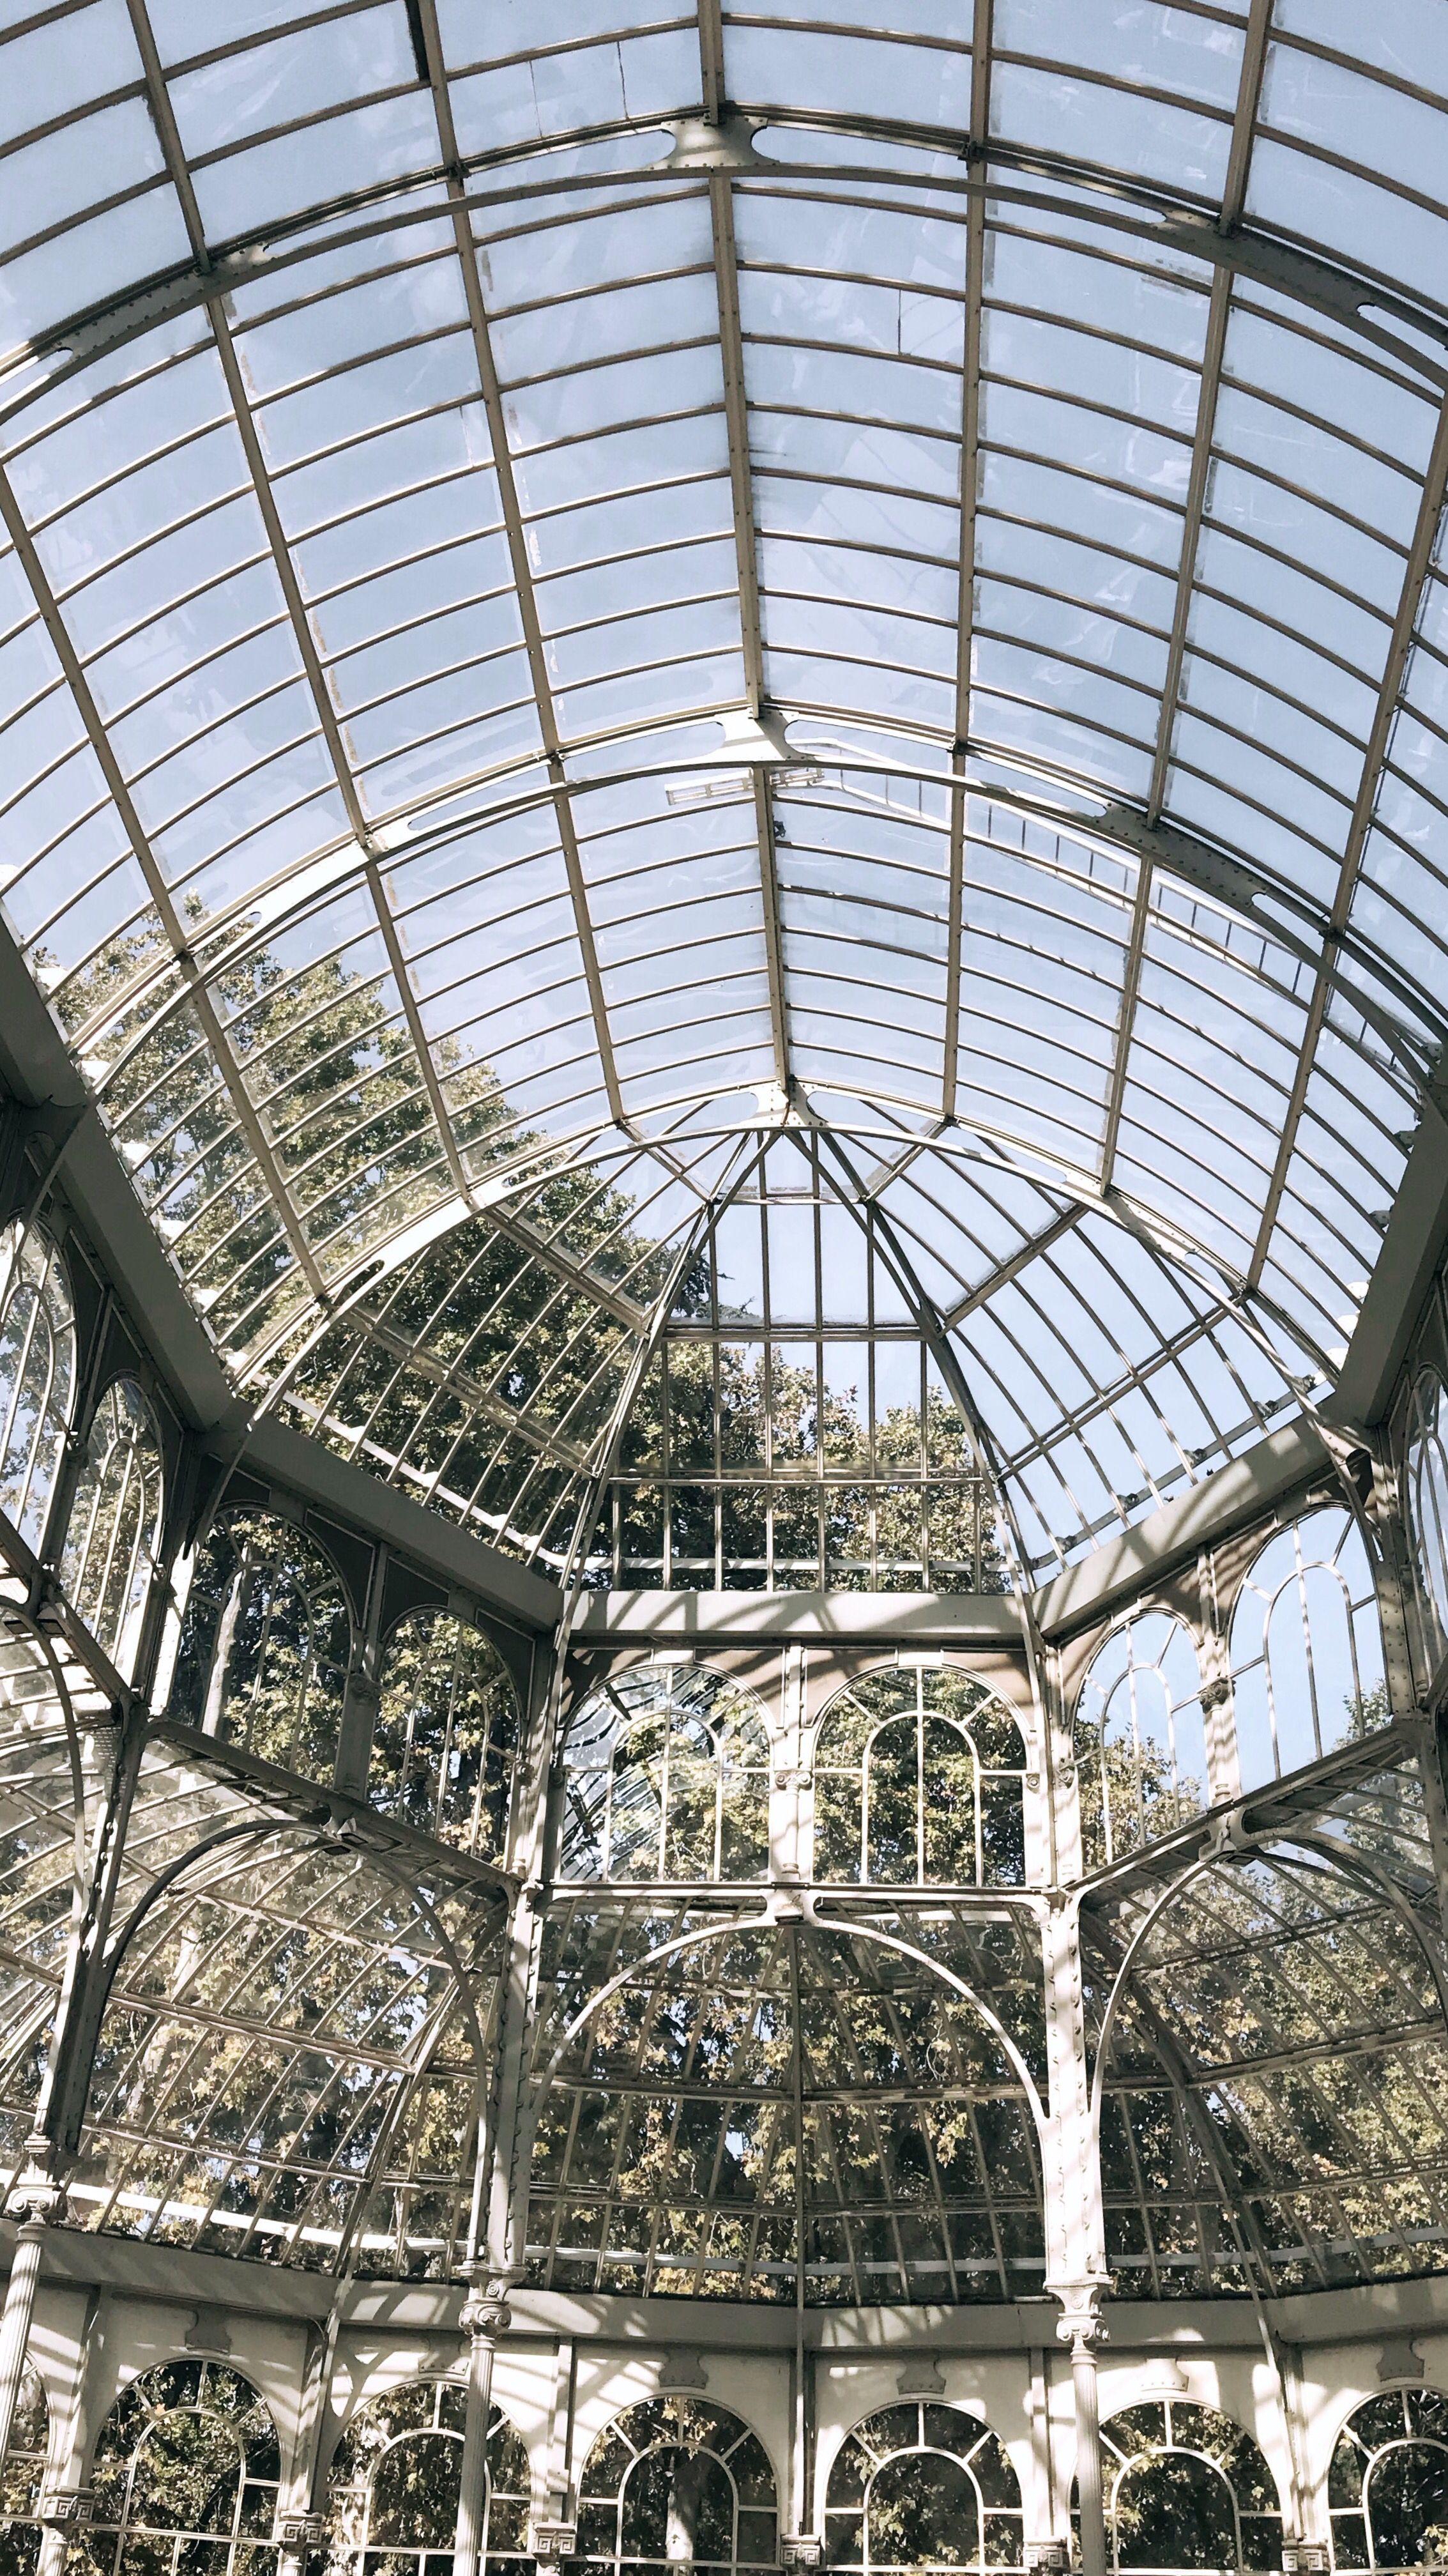 Palacio de cristal-Madrid